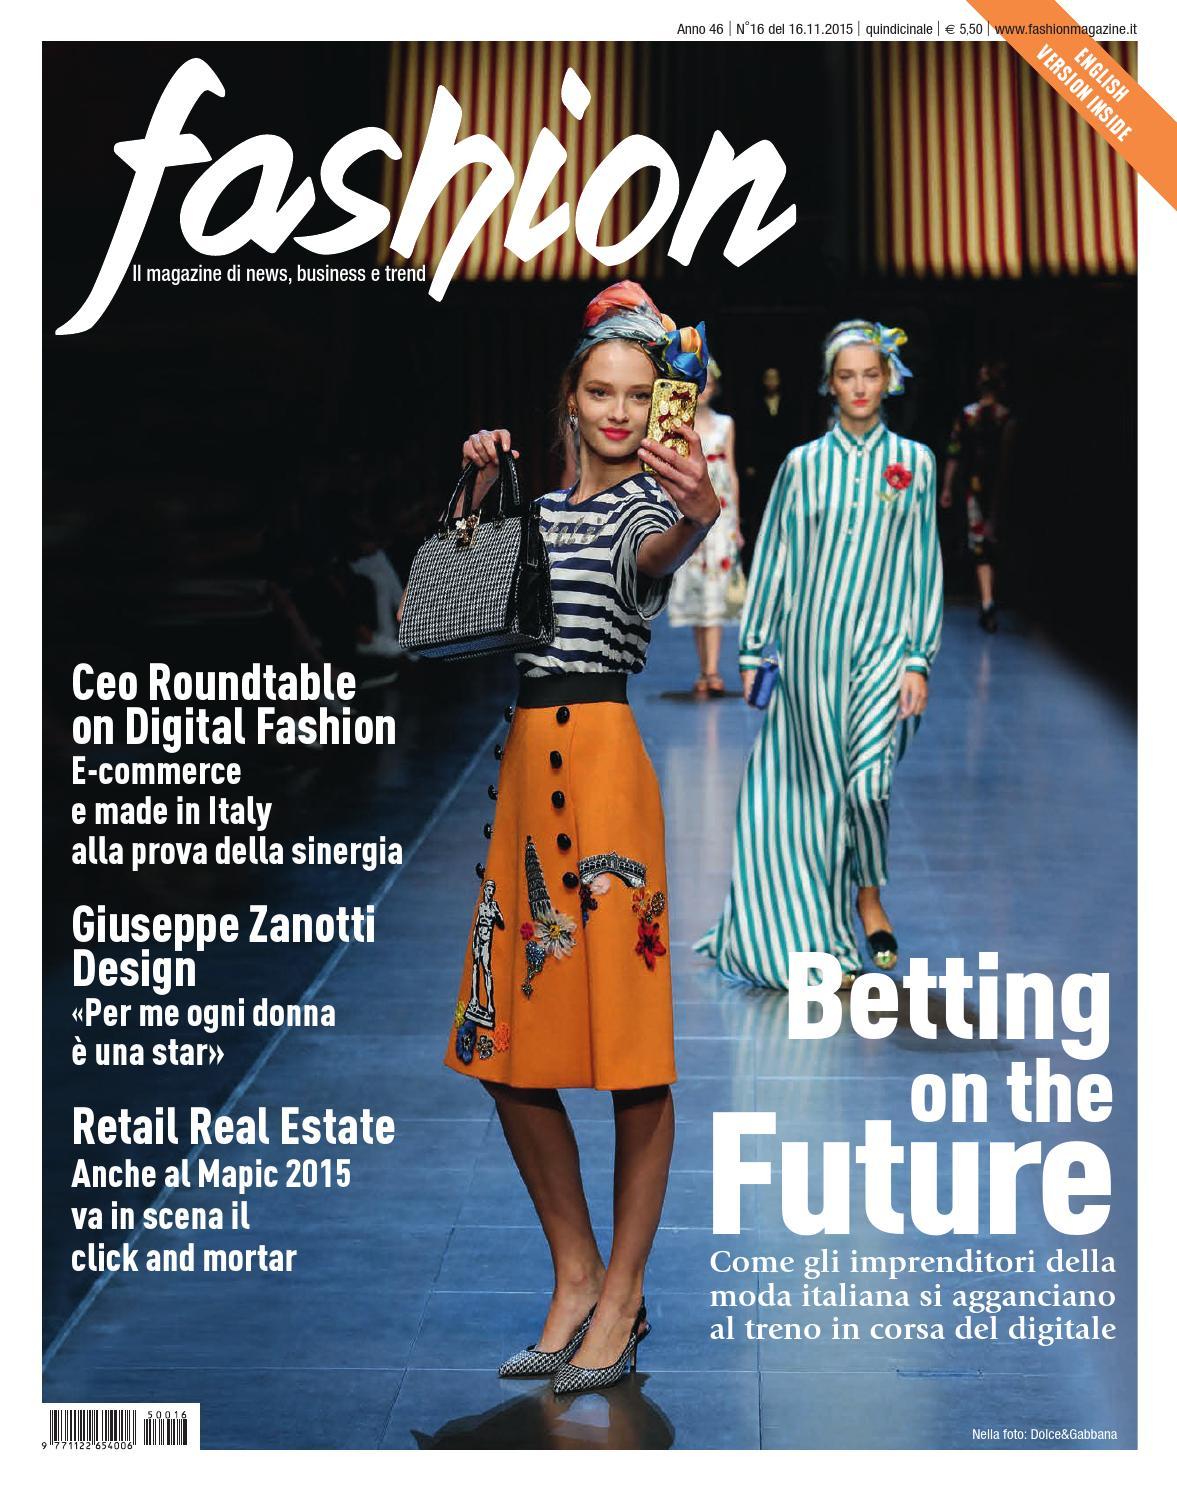 By 2015 Issuu 16 Fashion Fashionmagazine 5n4WEfR8